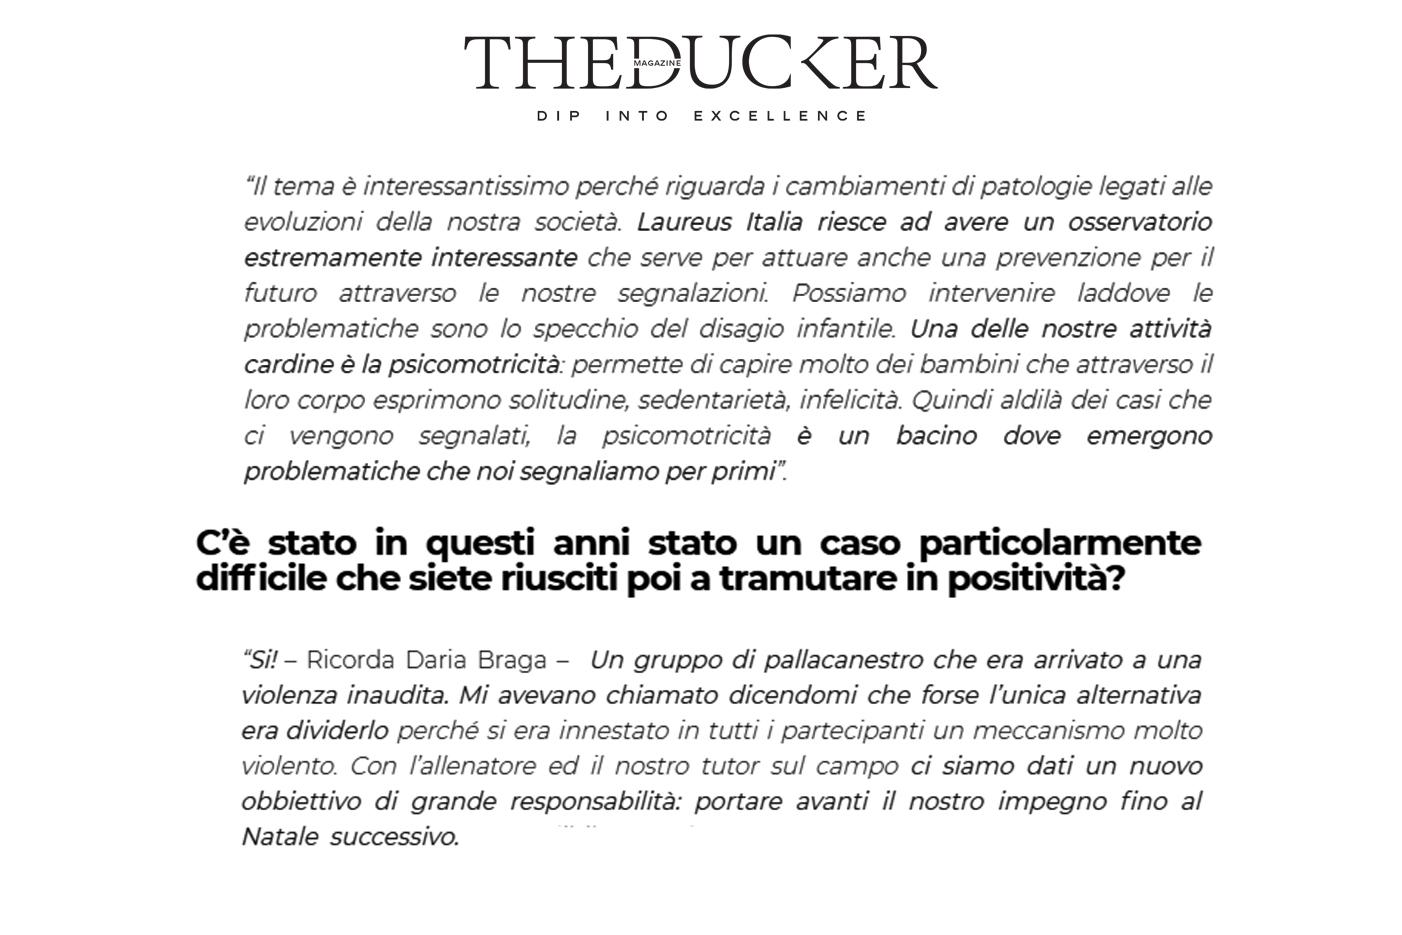 24_07_2018_THE-DUCKER_10